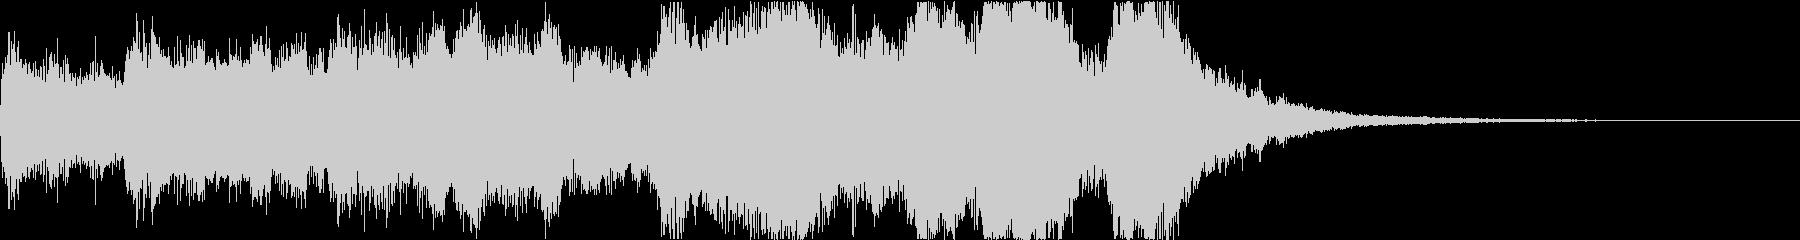 明るい始まりのオーケストラファンファーレの未再生の波形